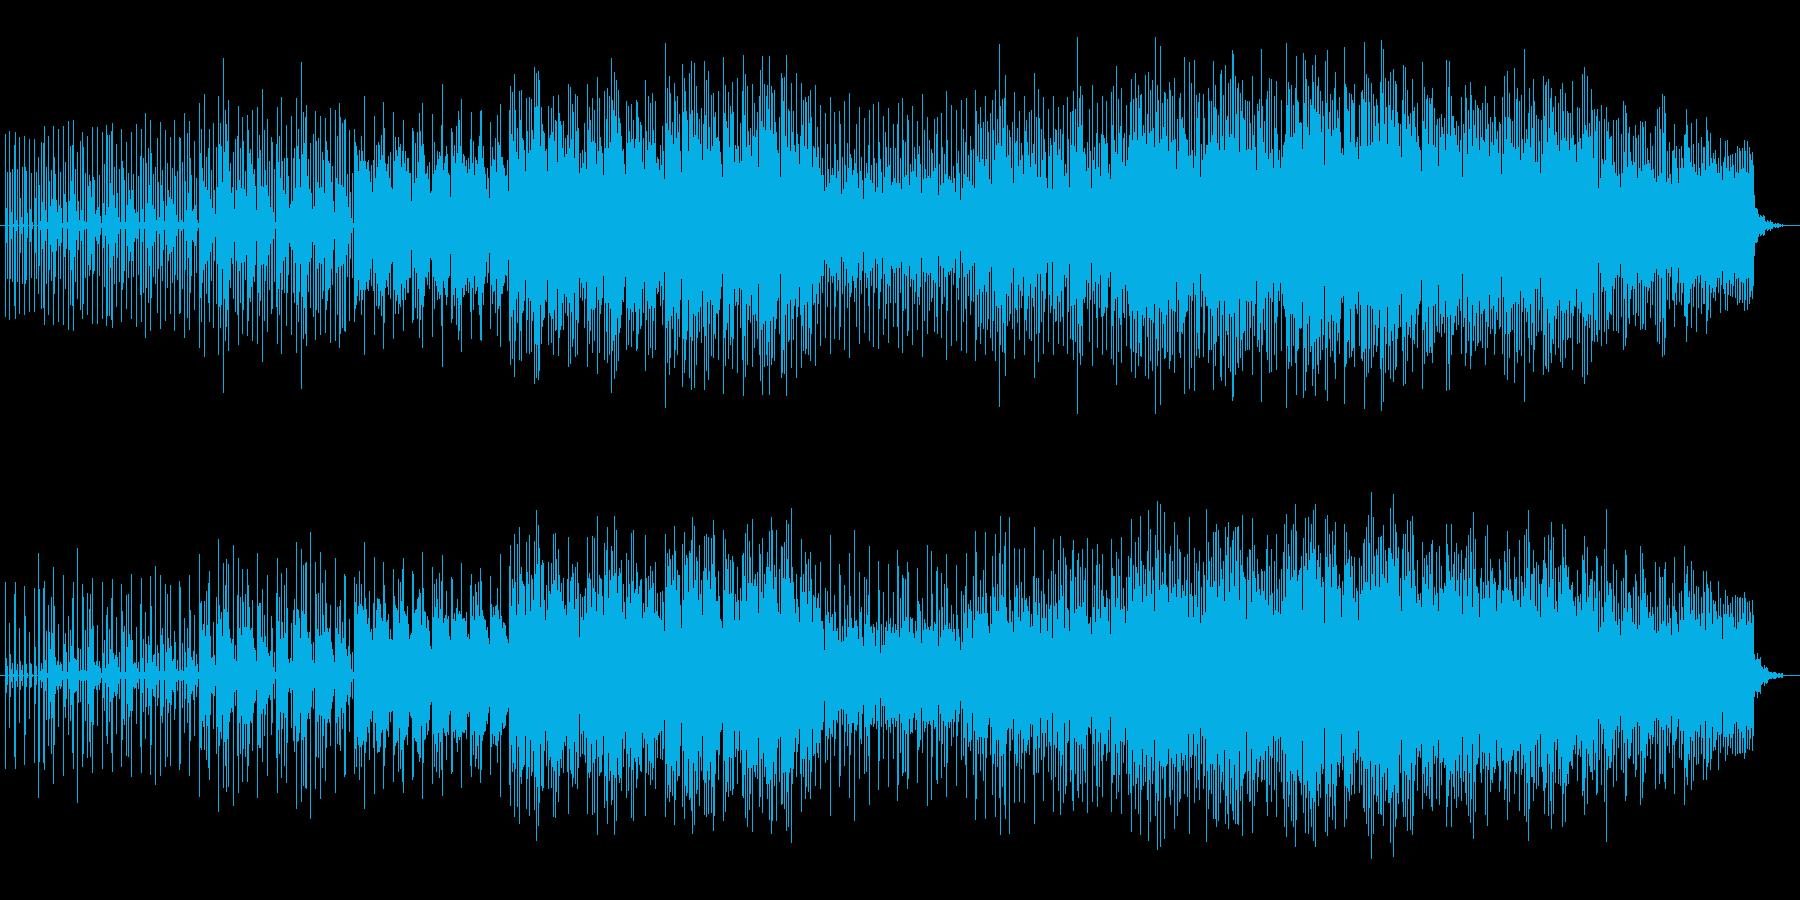 ユニークで可愛らしいミュージックの再生済みの波形